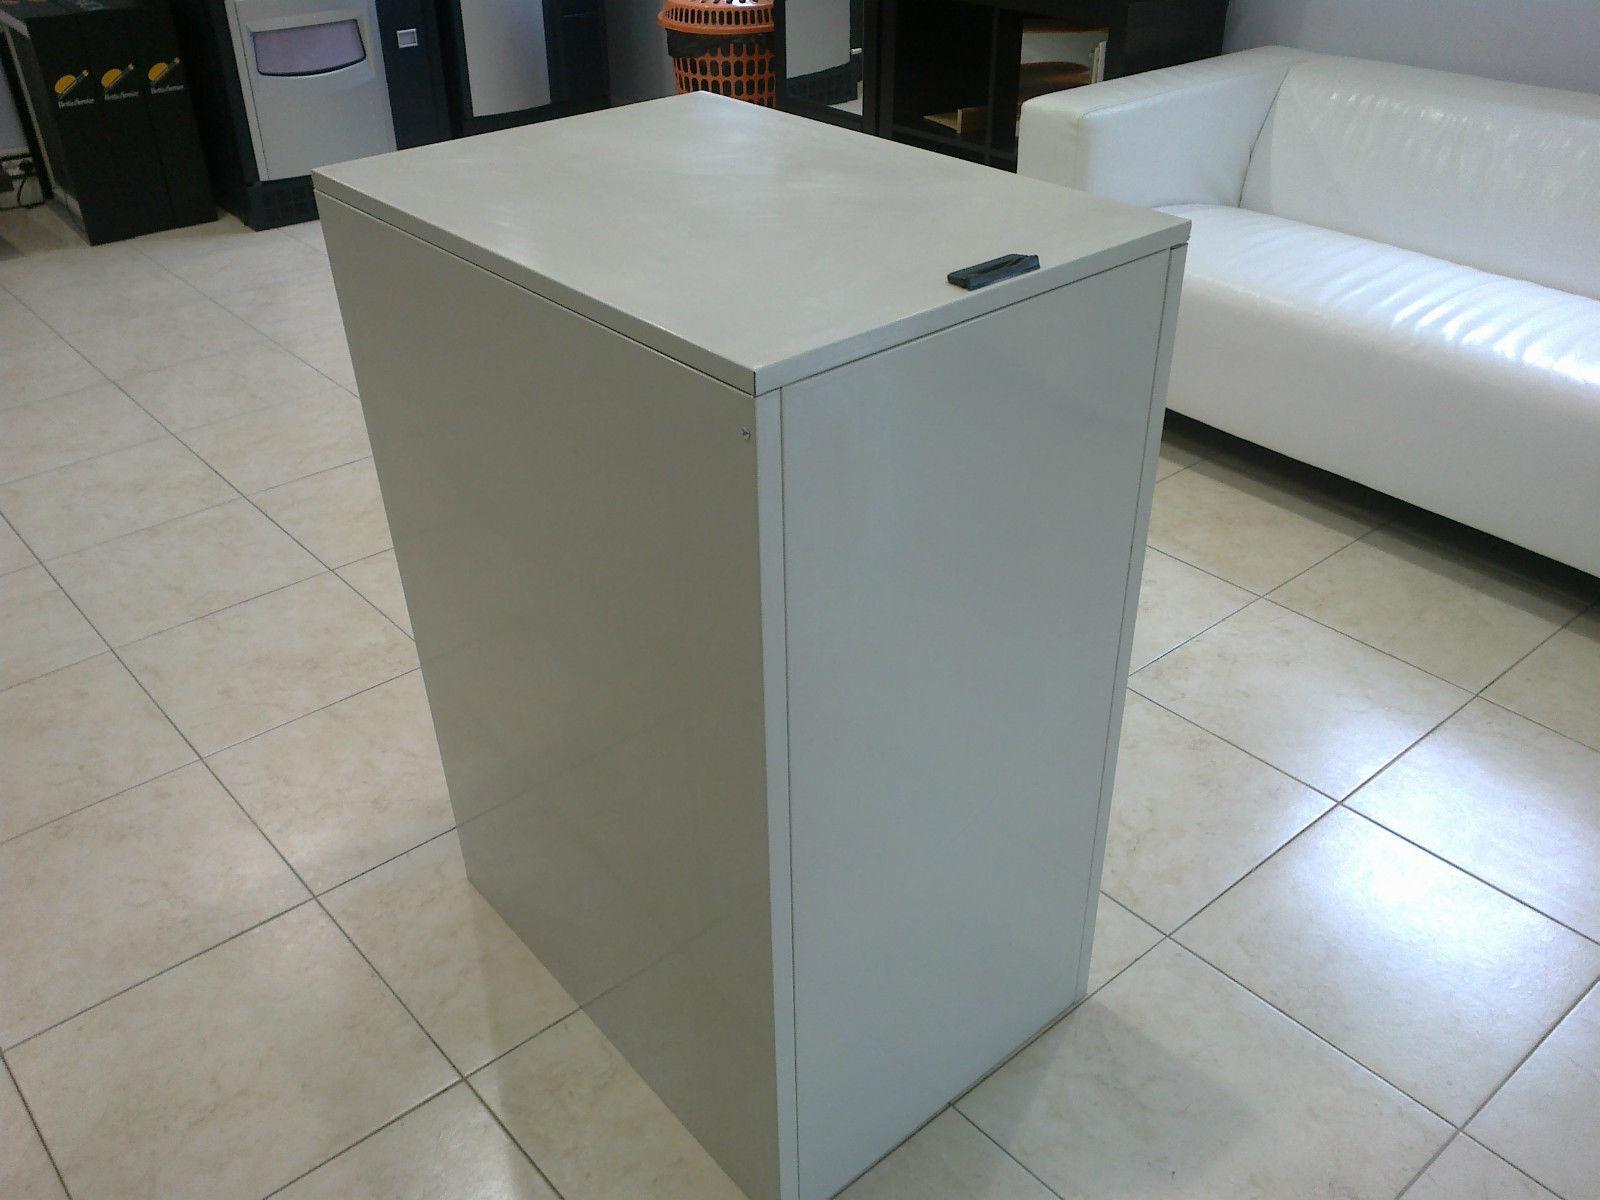 Mobile coprilavatrice in lamiera zincata lavatrice per - Lavatrice esterno ...